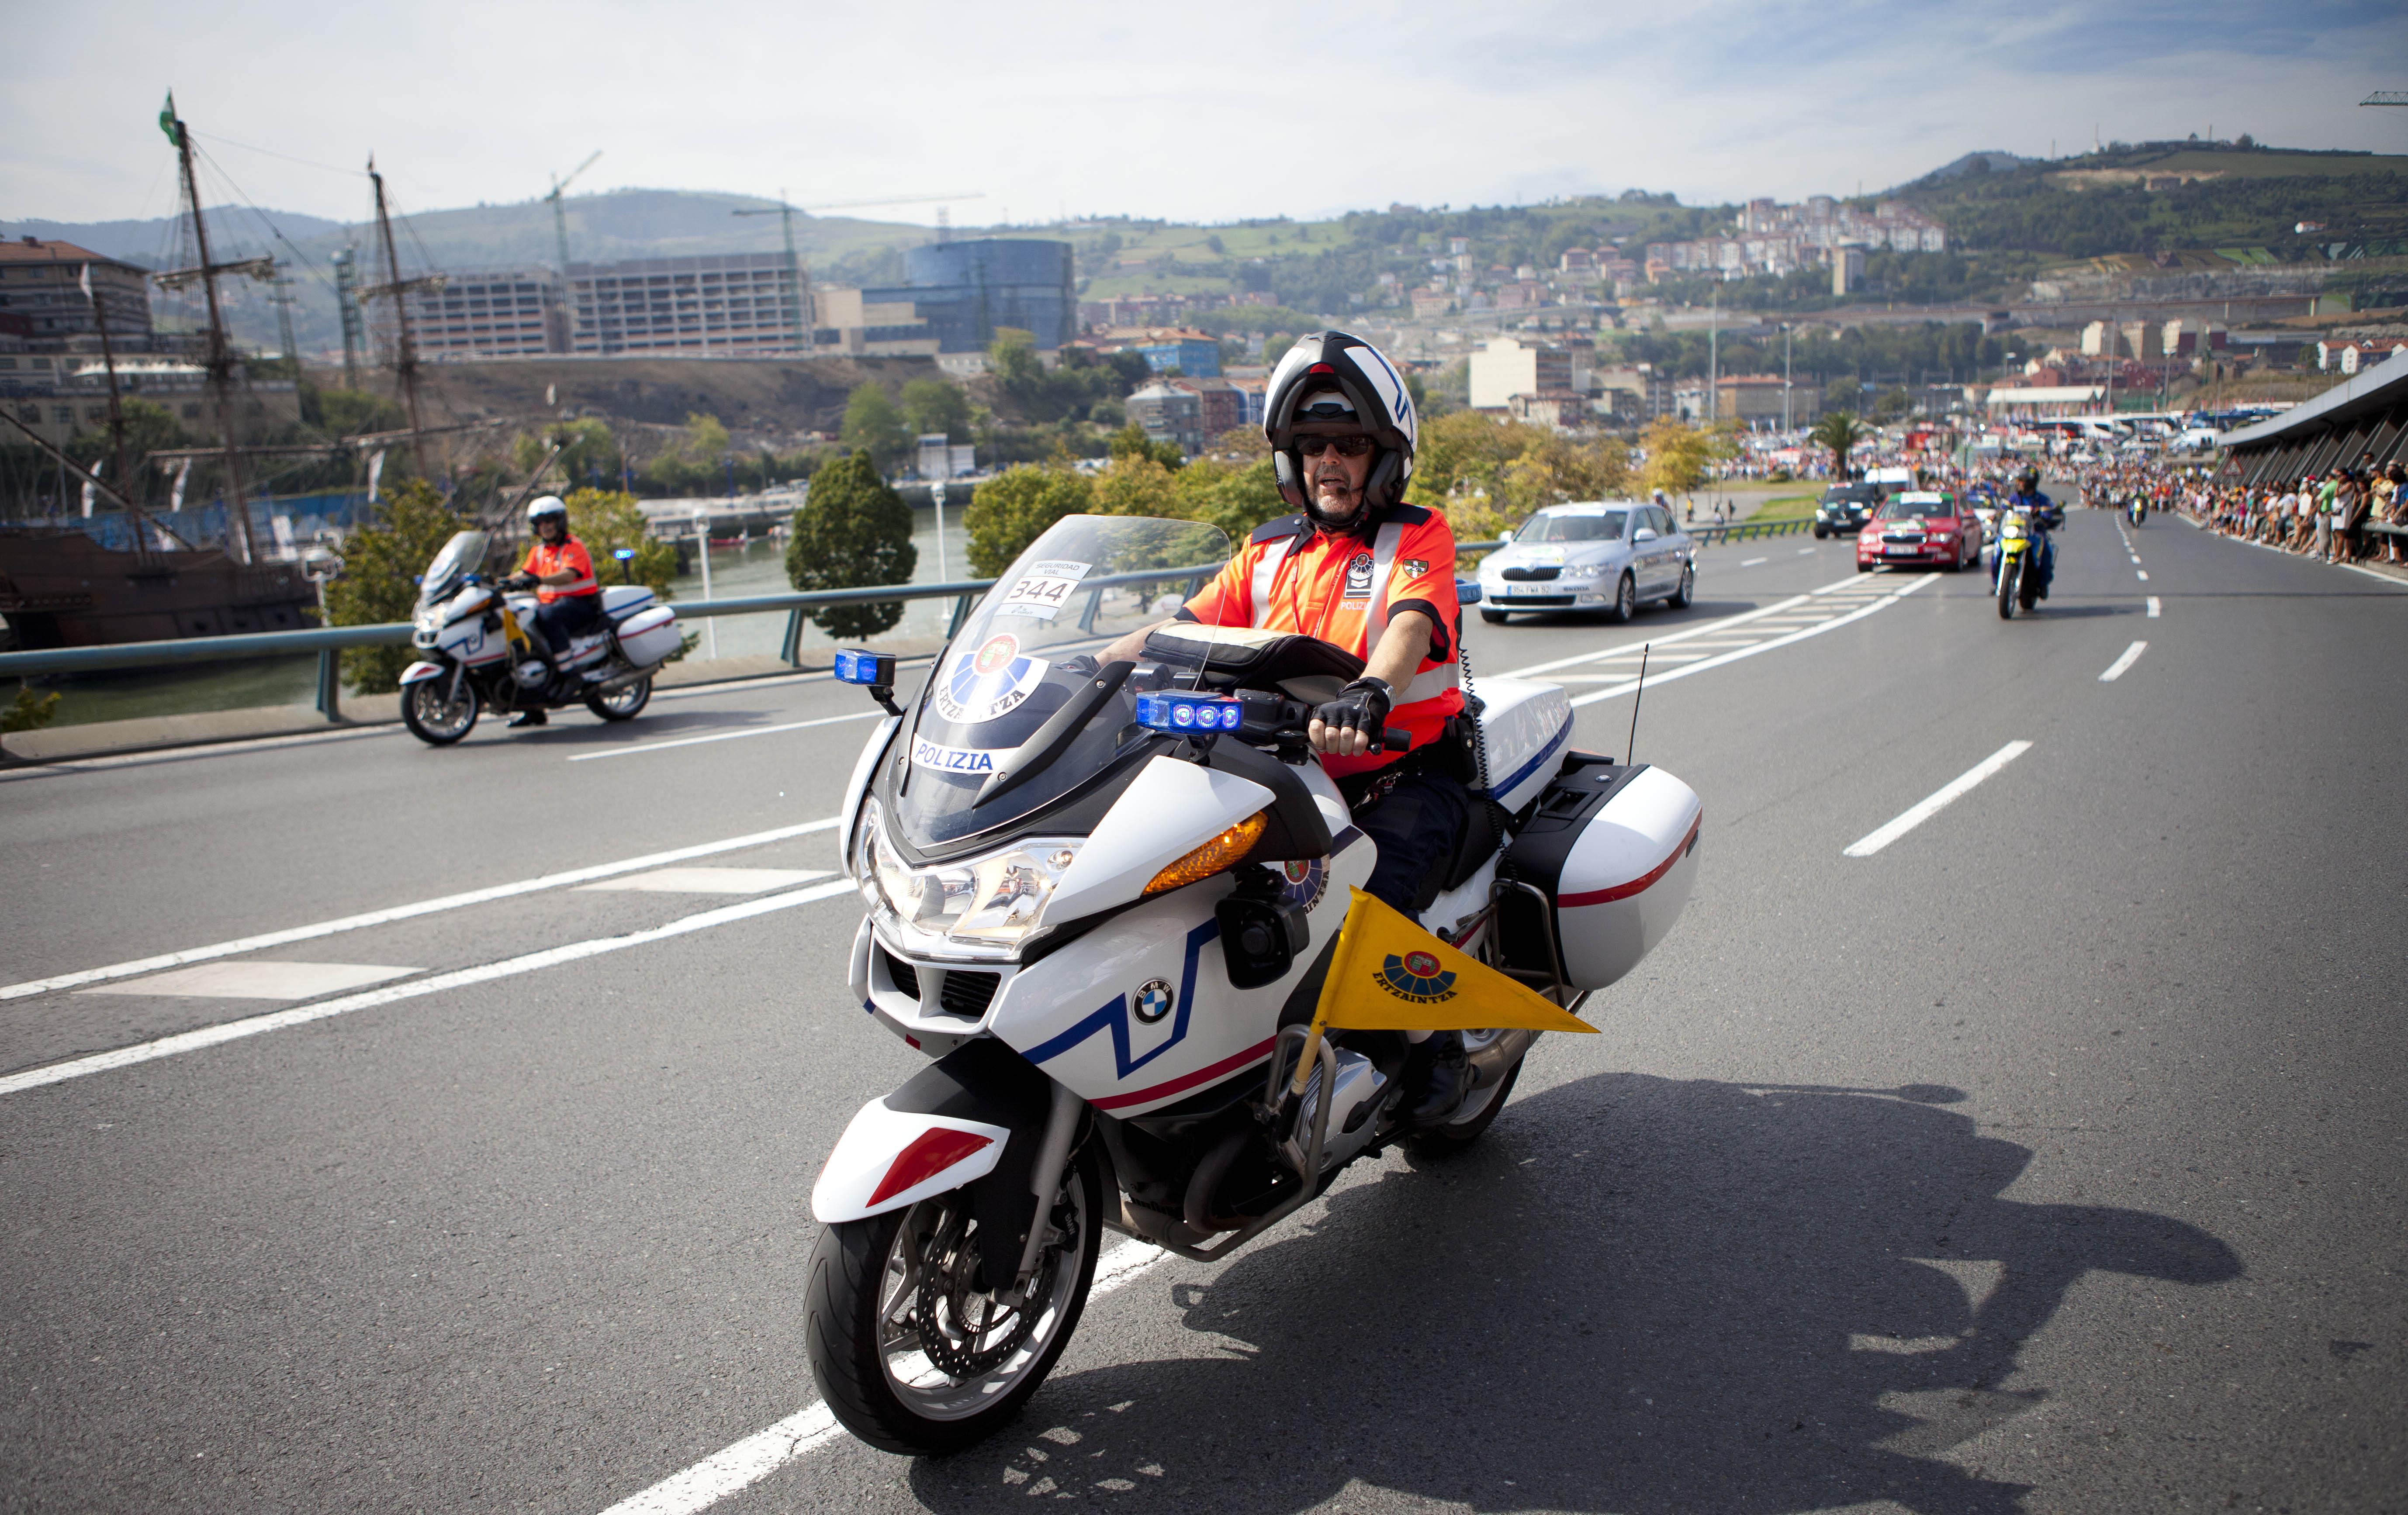 2011_09_10_vuelta_bilbao26.jpg